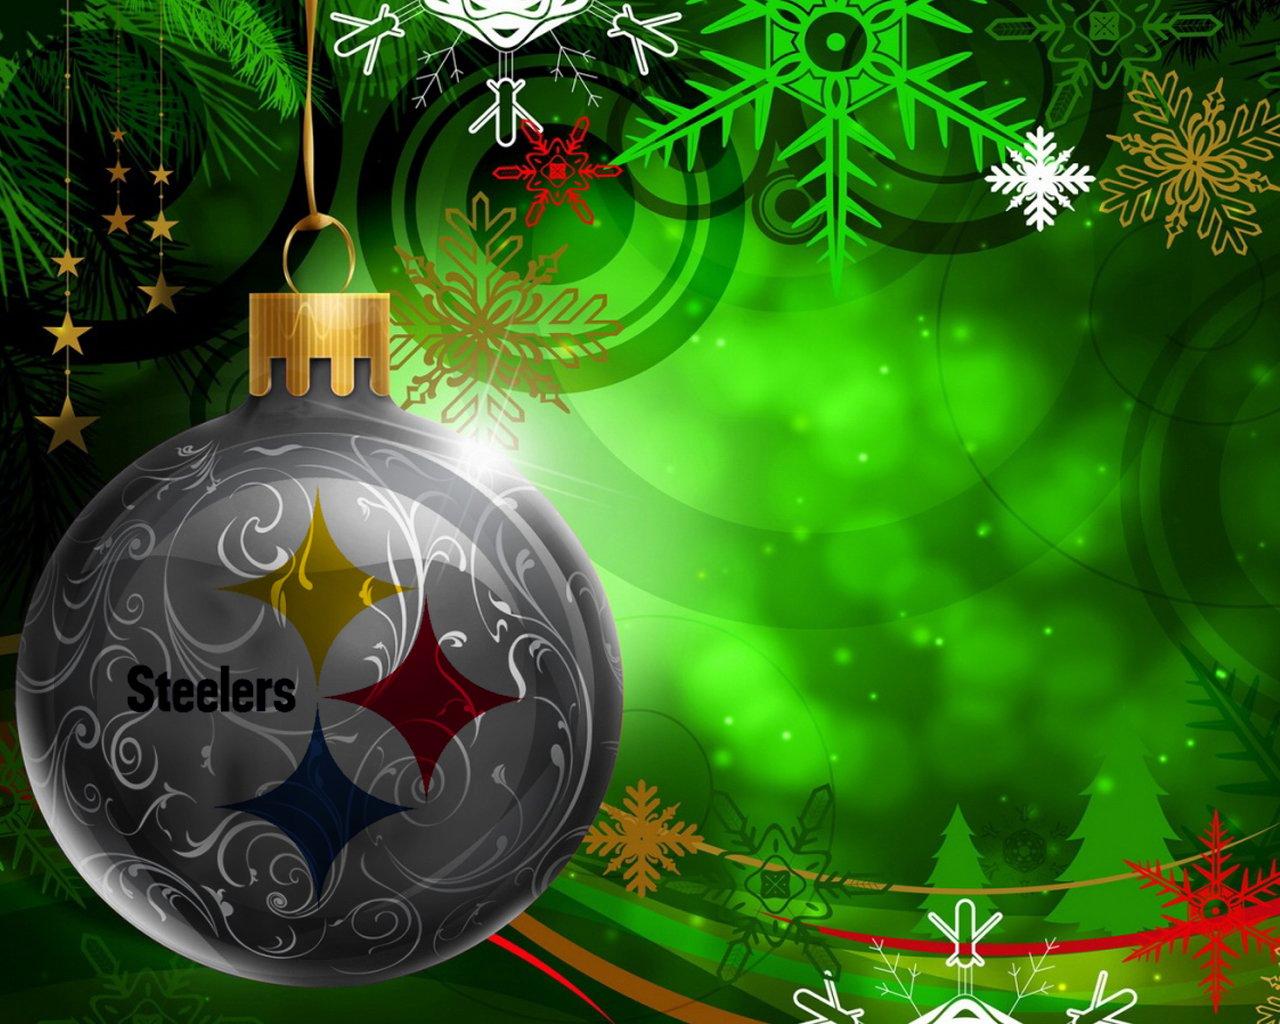 e767a18e 49+] Steelers Christmas Wallpaper on WallpaperSafari